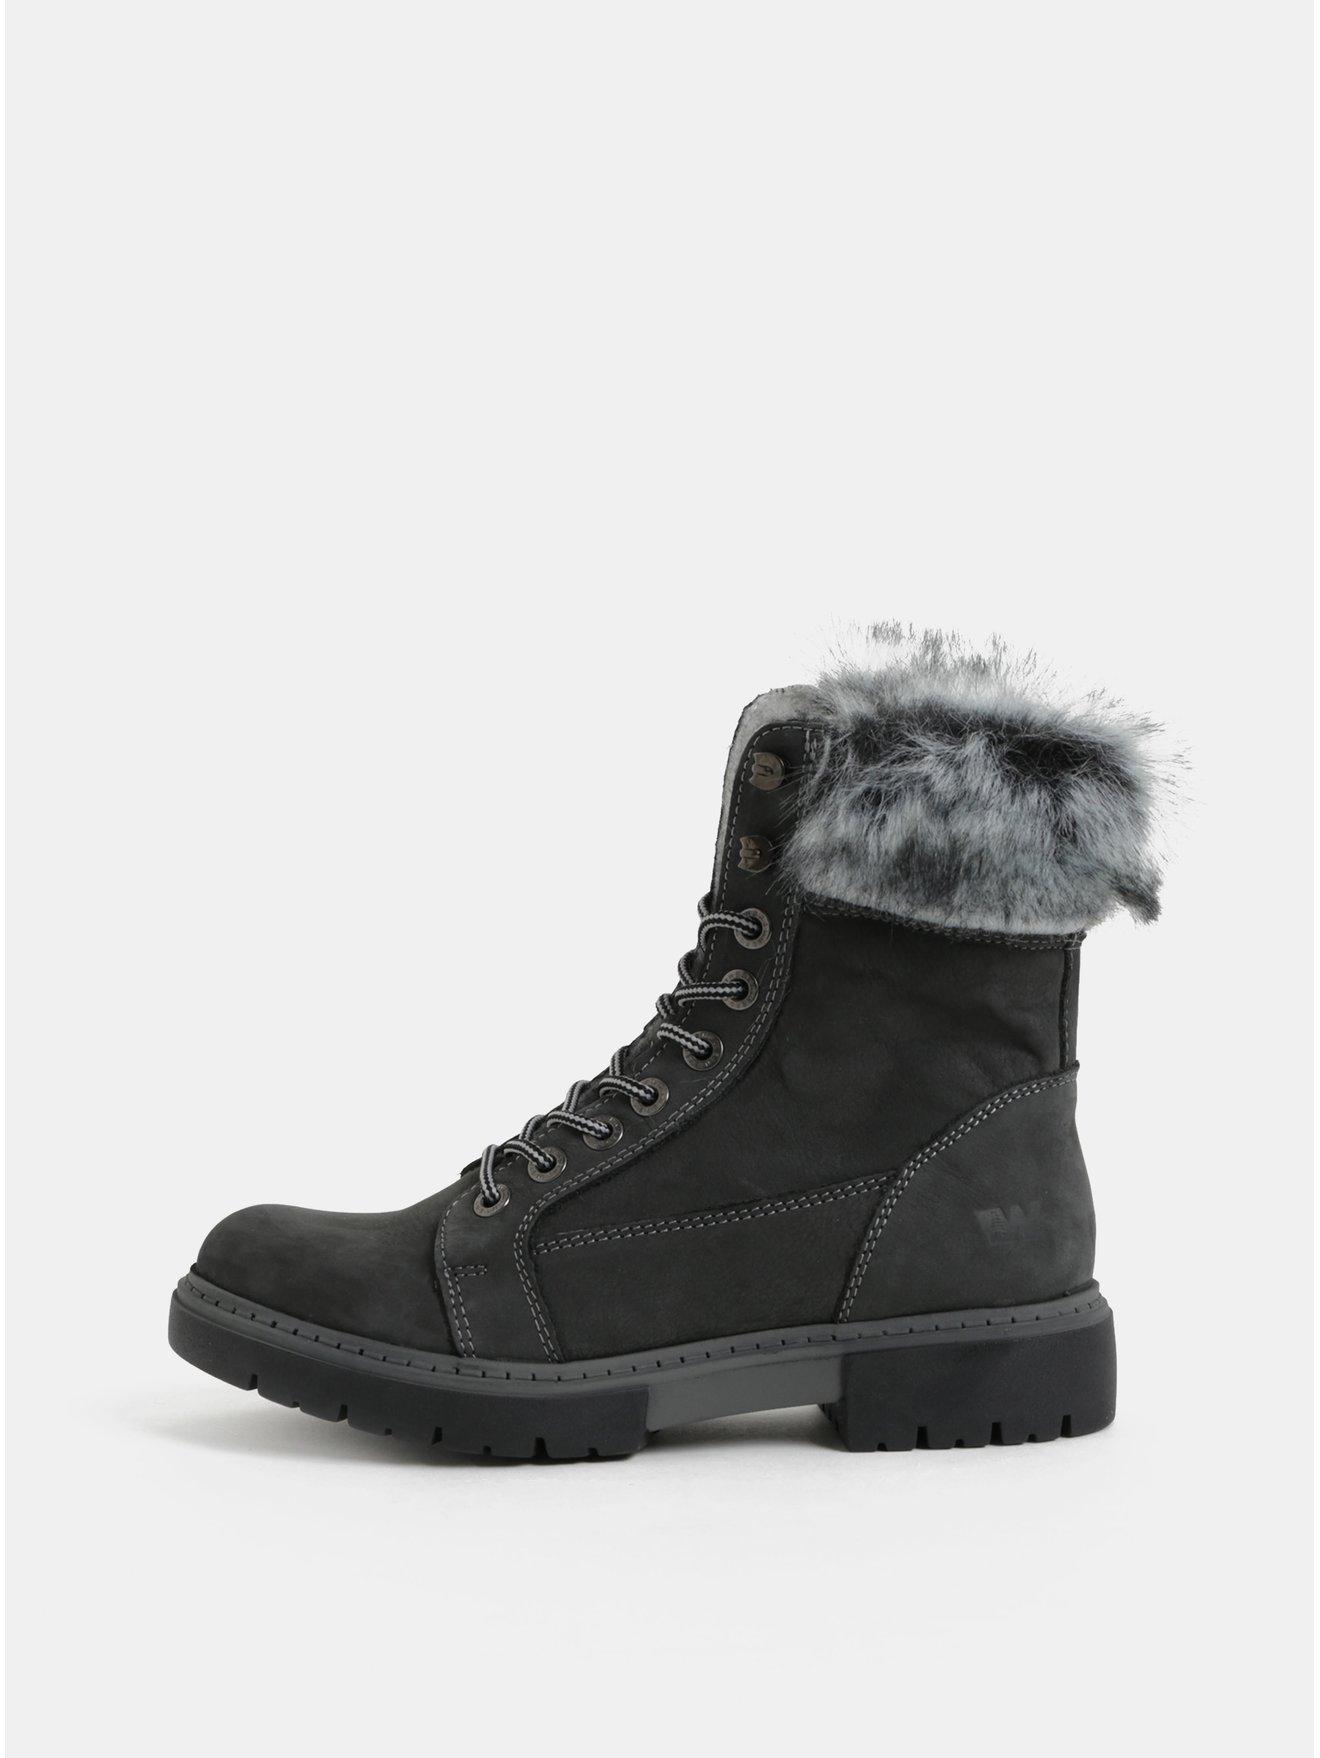 Šedé dámské kožené zimní kotníkové boty s umělým kožíškem Weinbrenner fd89aa66f9